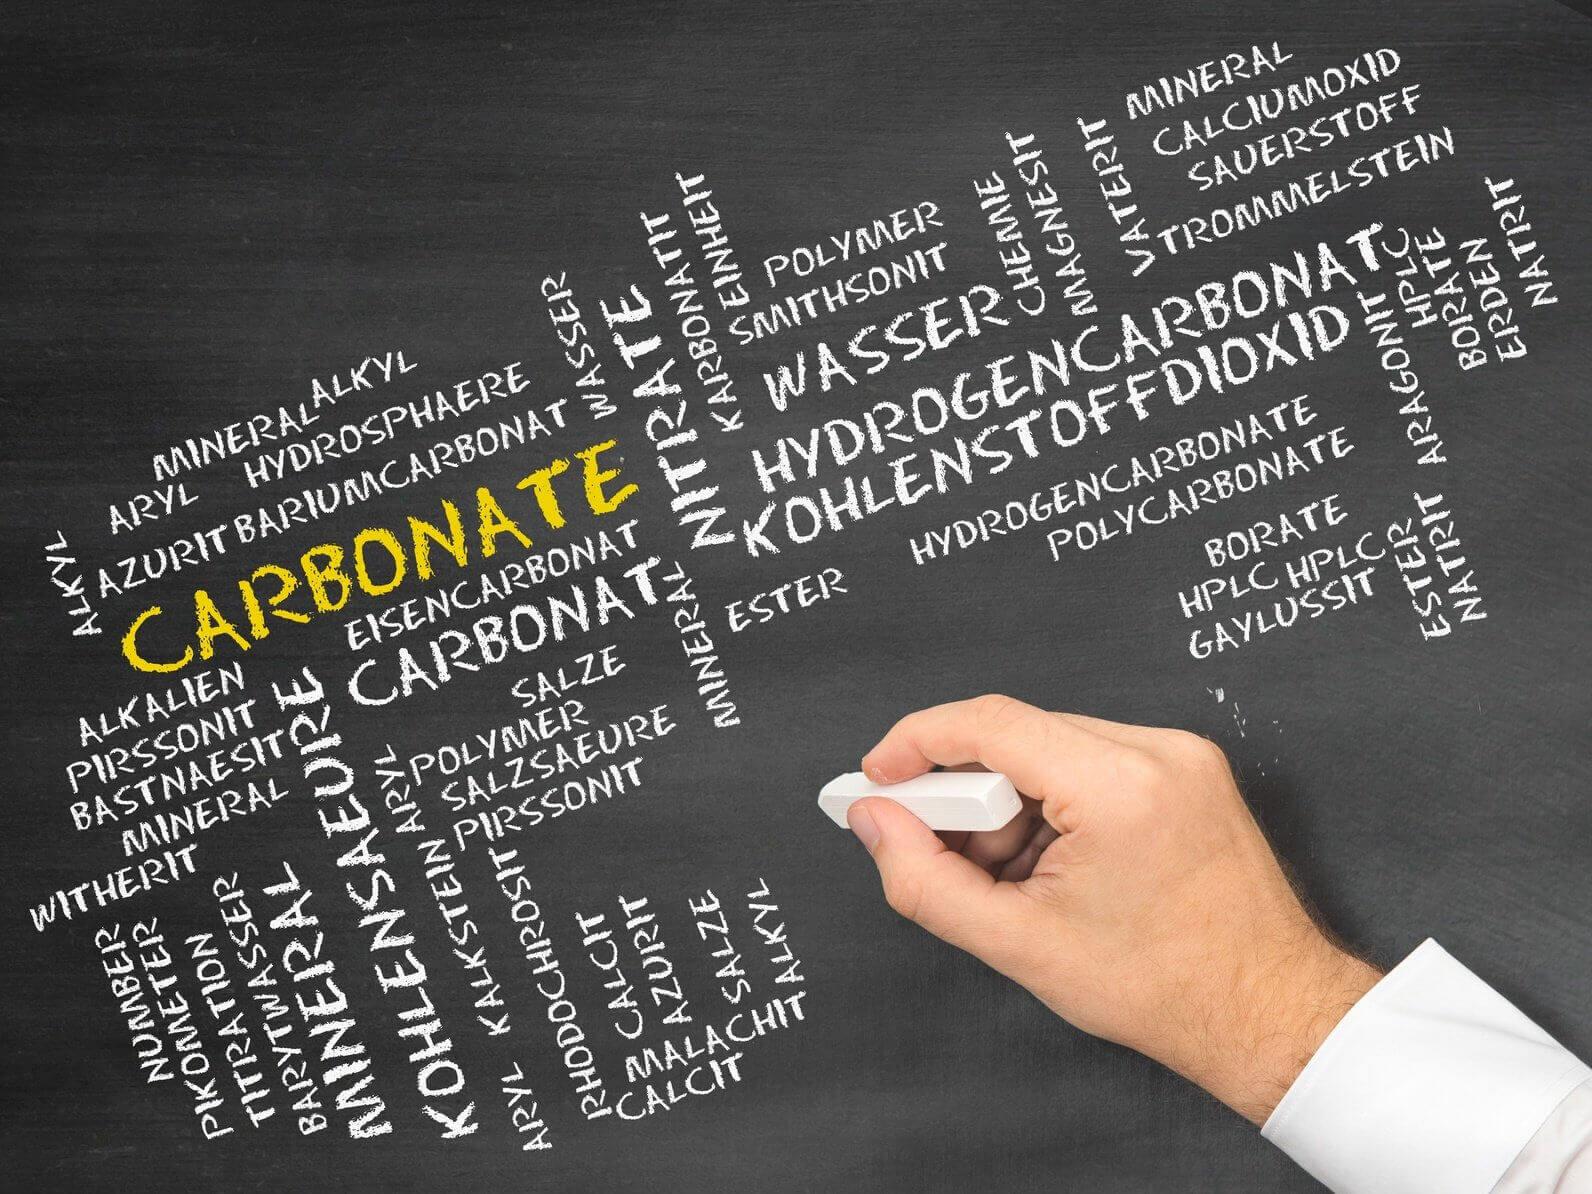 Erfahre mehr über Barium carbonicum Globuli in der Homöopathie und bei welchen Krankheiten es angewendet wird. Fotolia © CrazyCloud